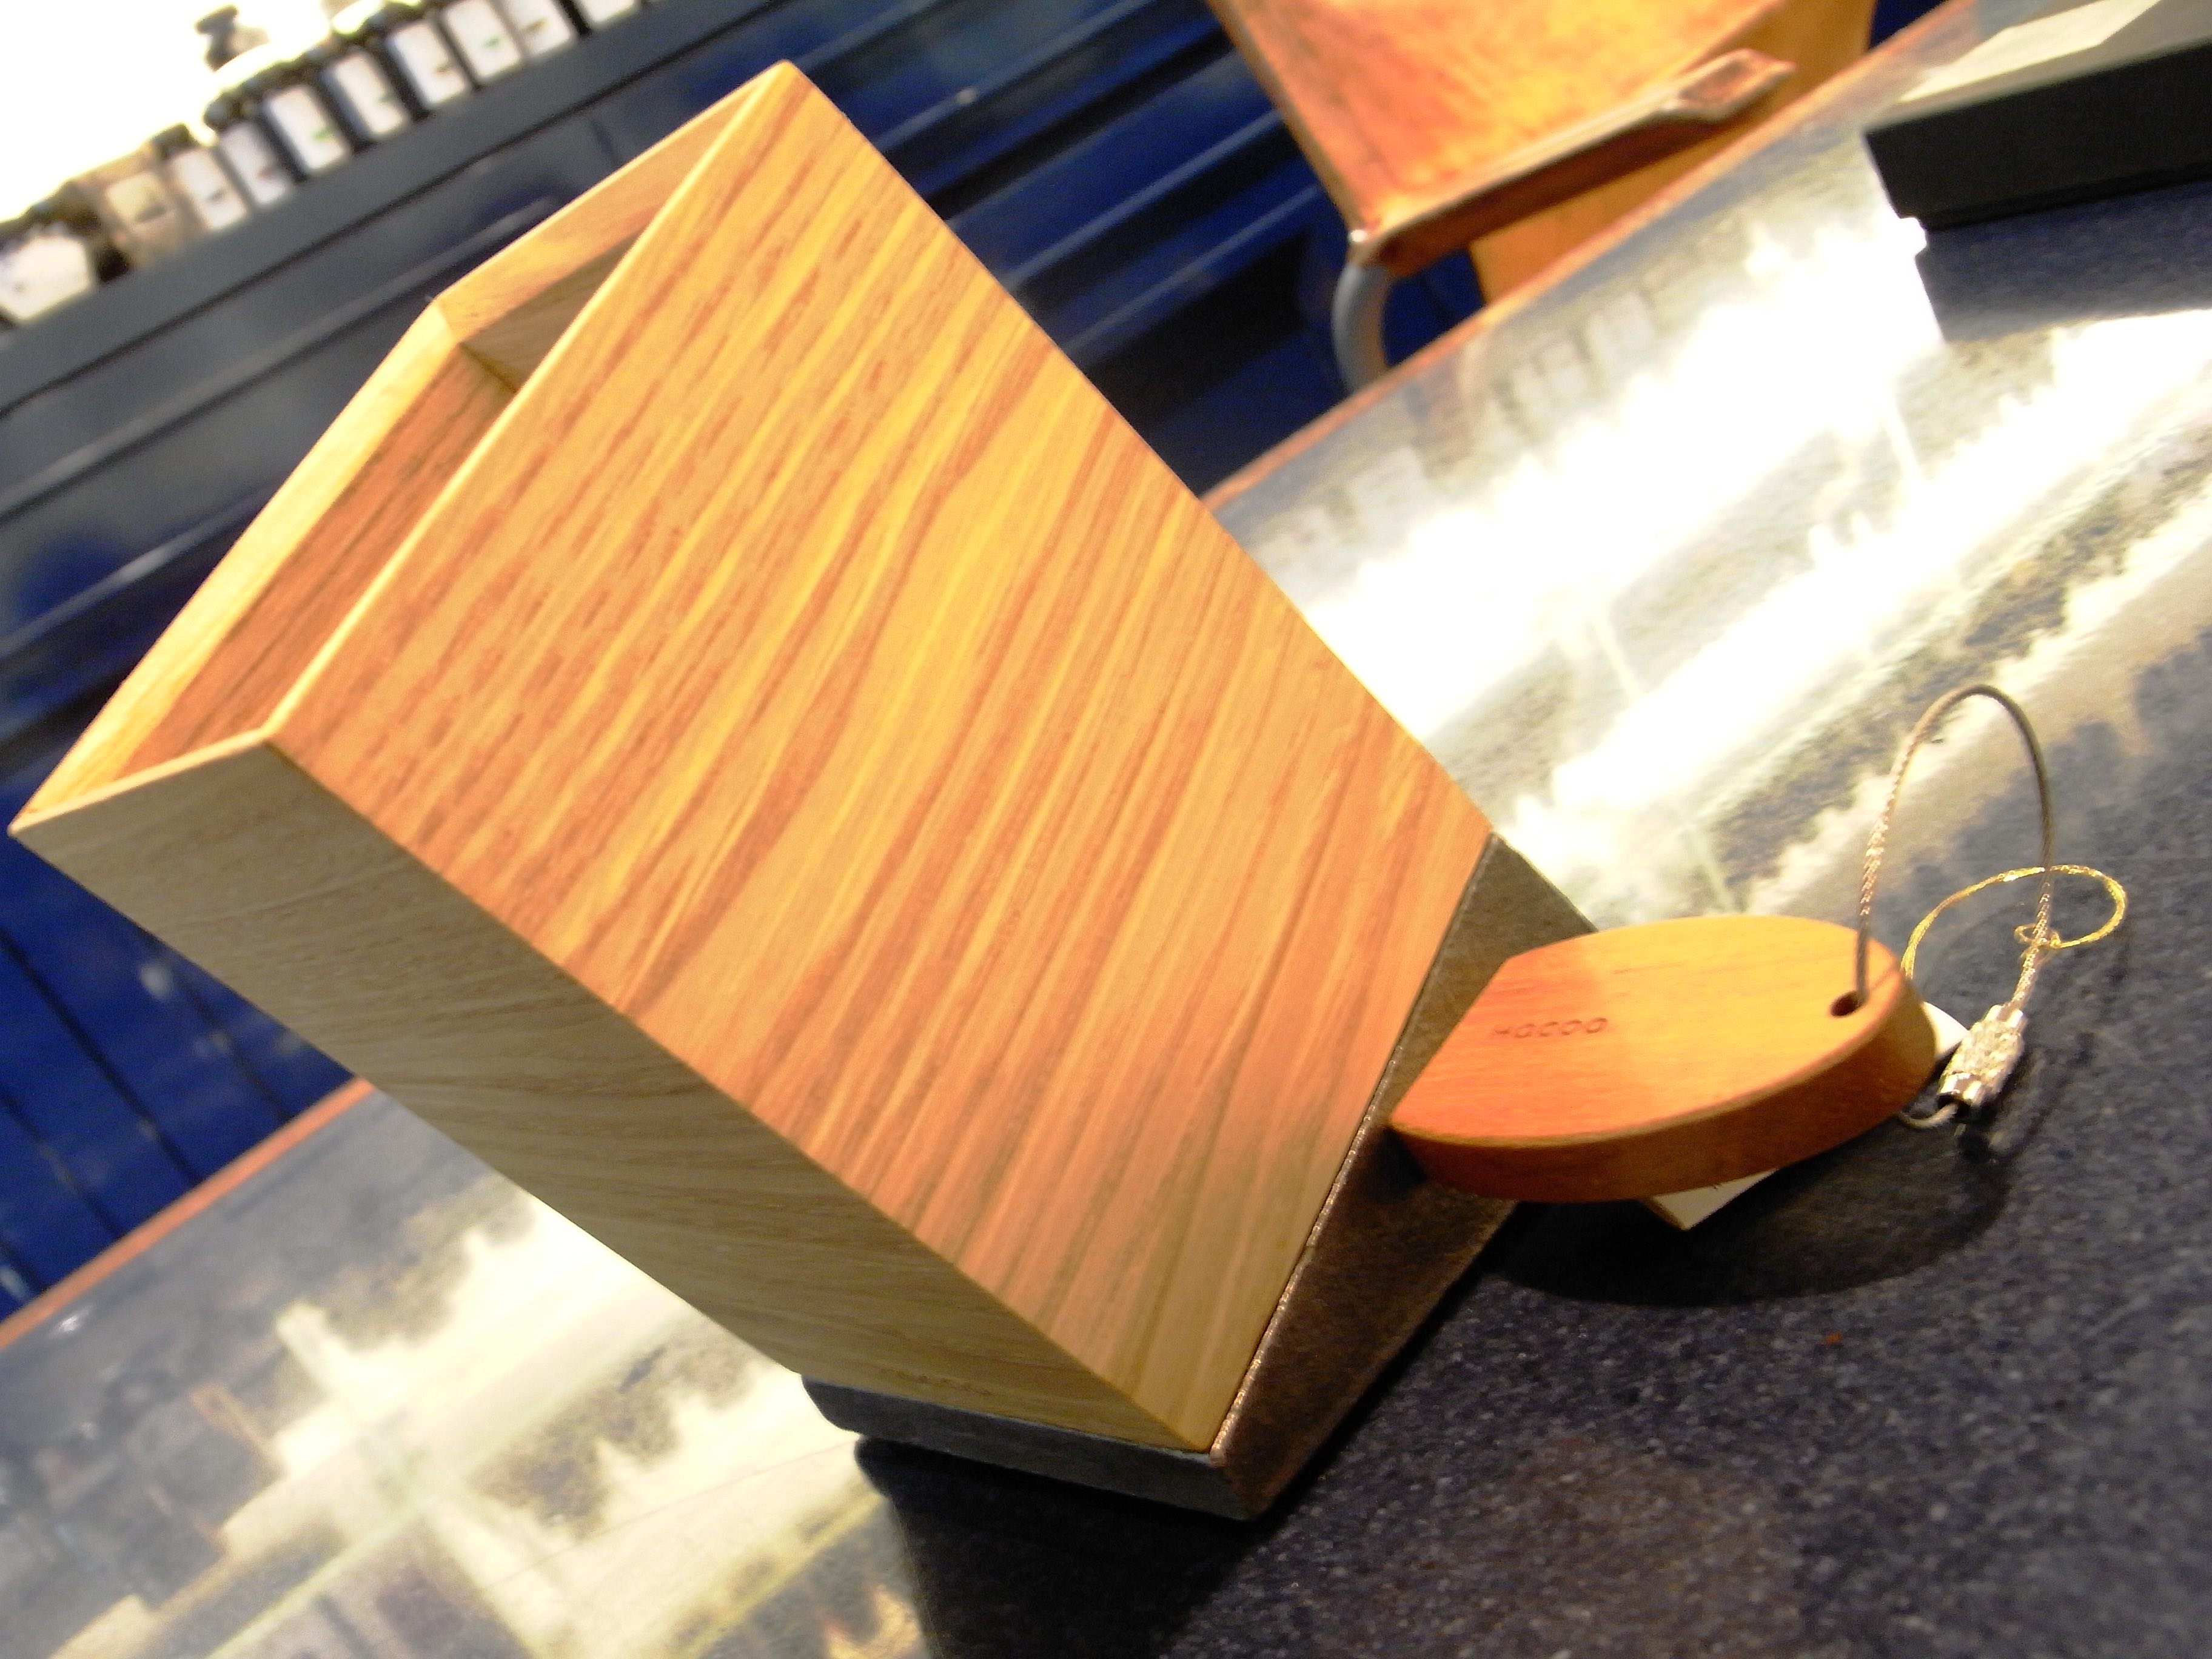 磁石でくっつくので、工夫次第で色々な使い方が出来そうです。